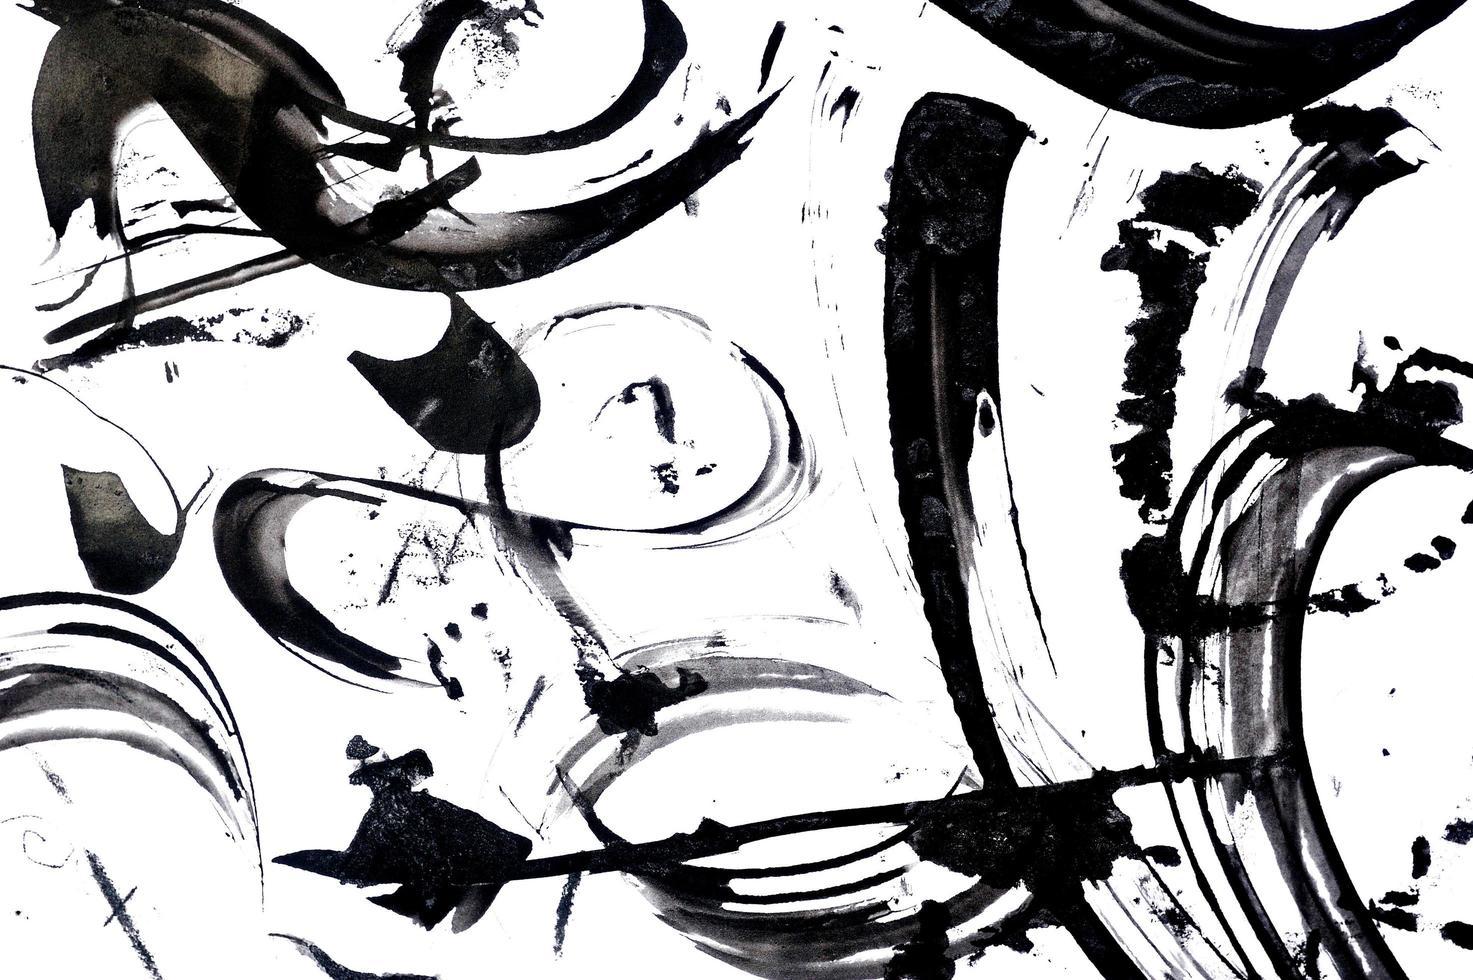 zwarte abstracte penseelstreken foto